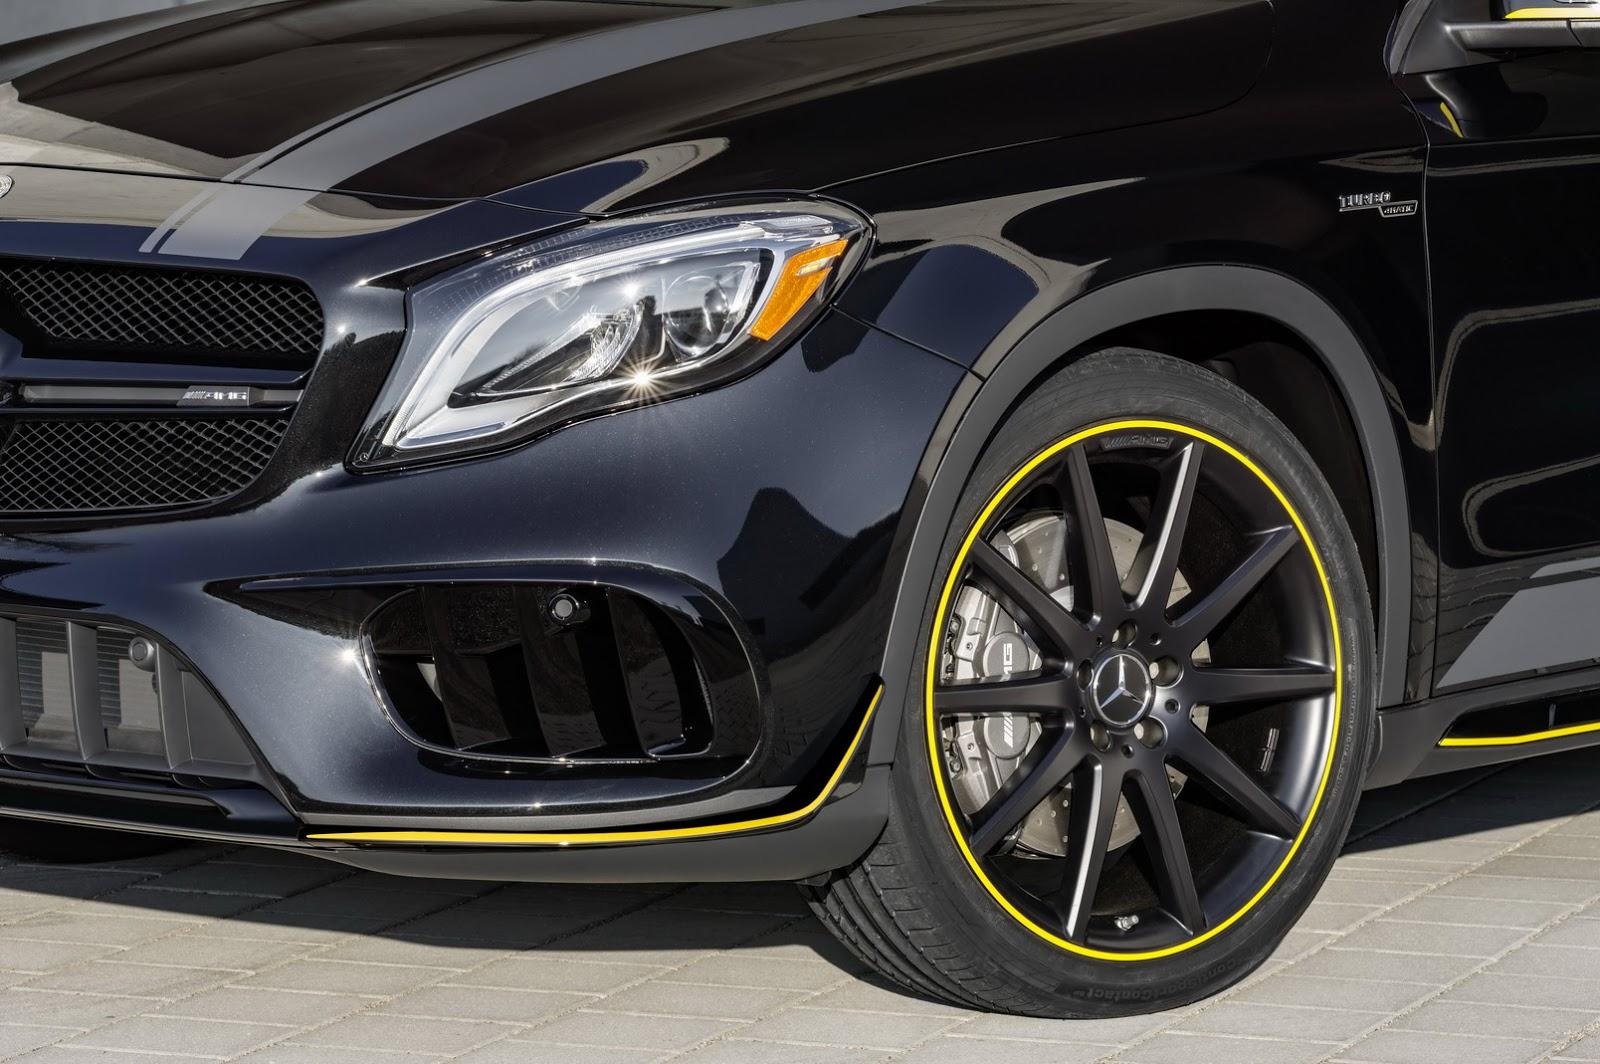 Mercedes GLA facelift and GLA 45 AMG facelift 2017 (72)